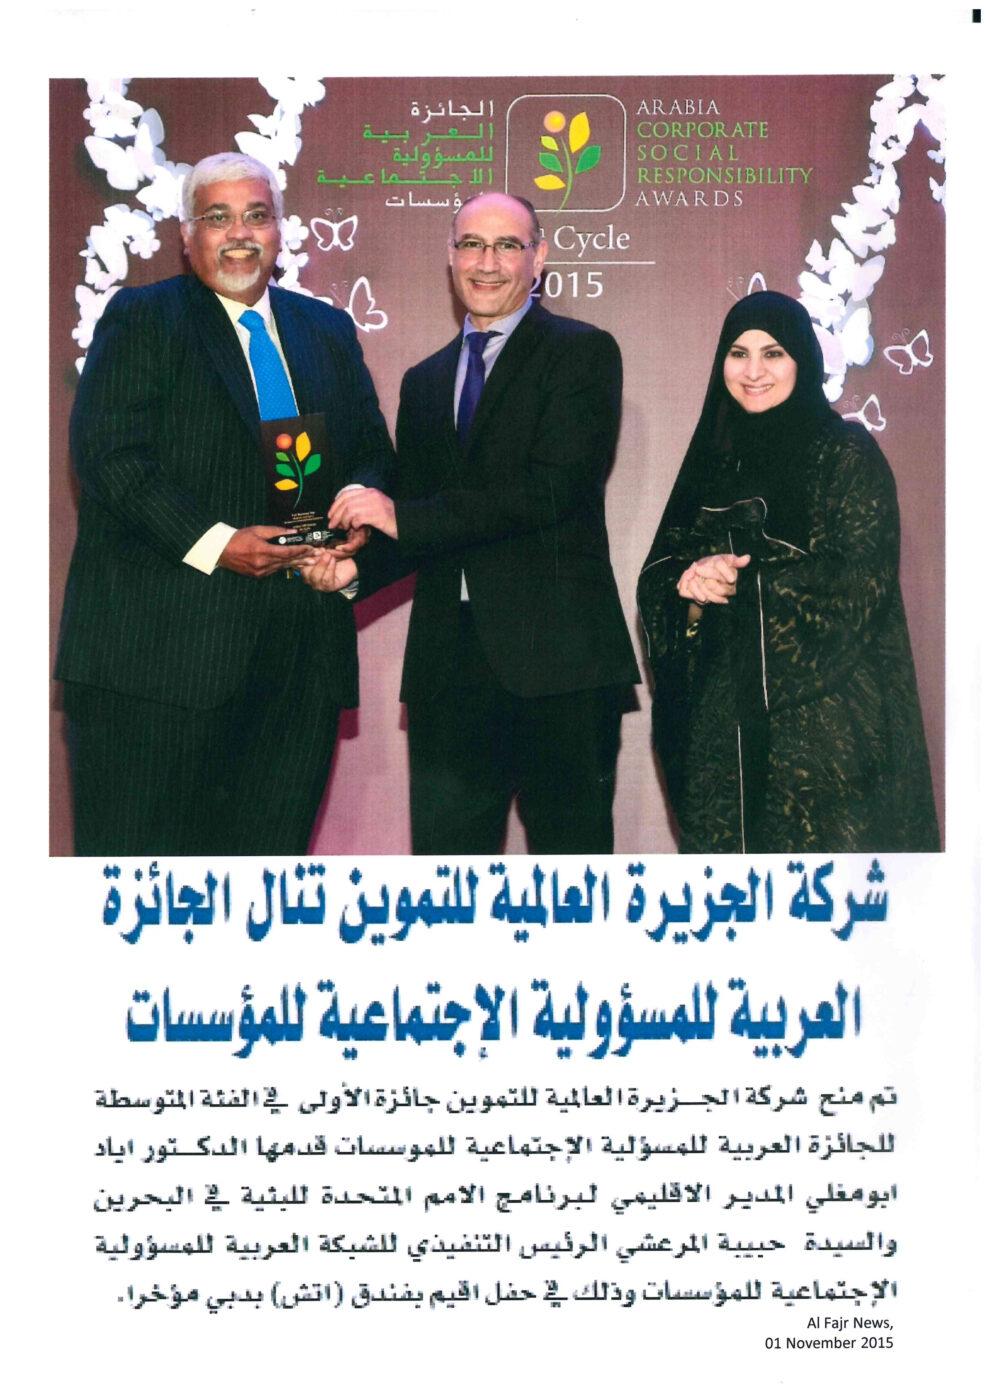 Al Fajar news